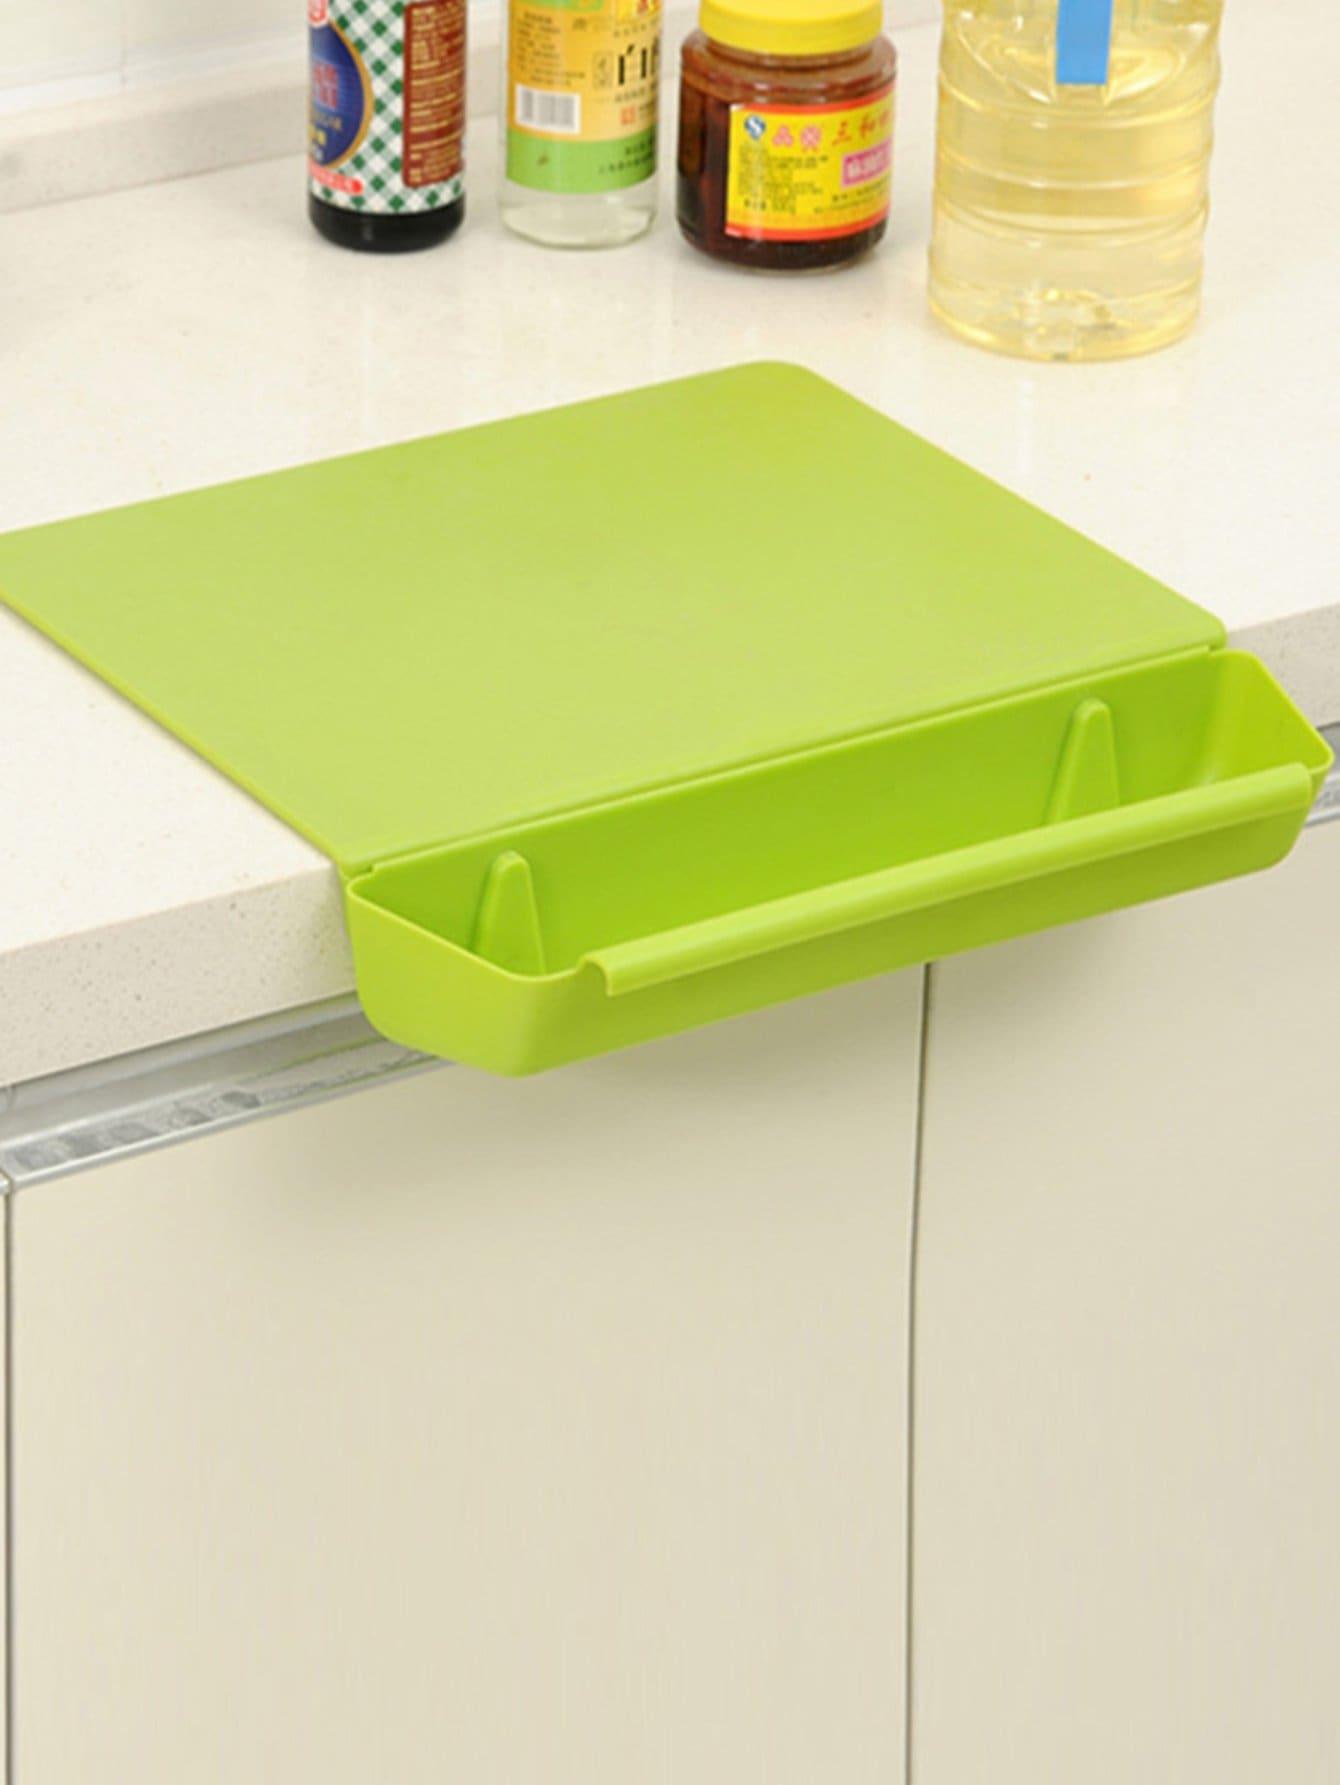 Резка доска с съемная коробка для хранения